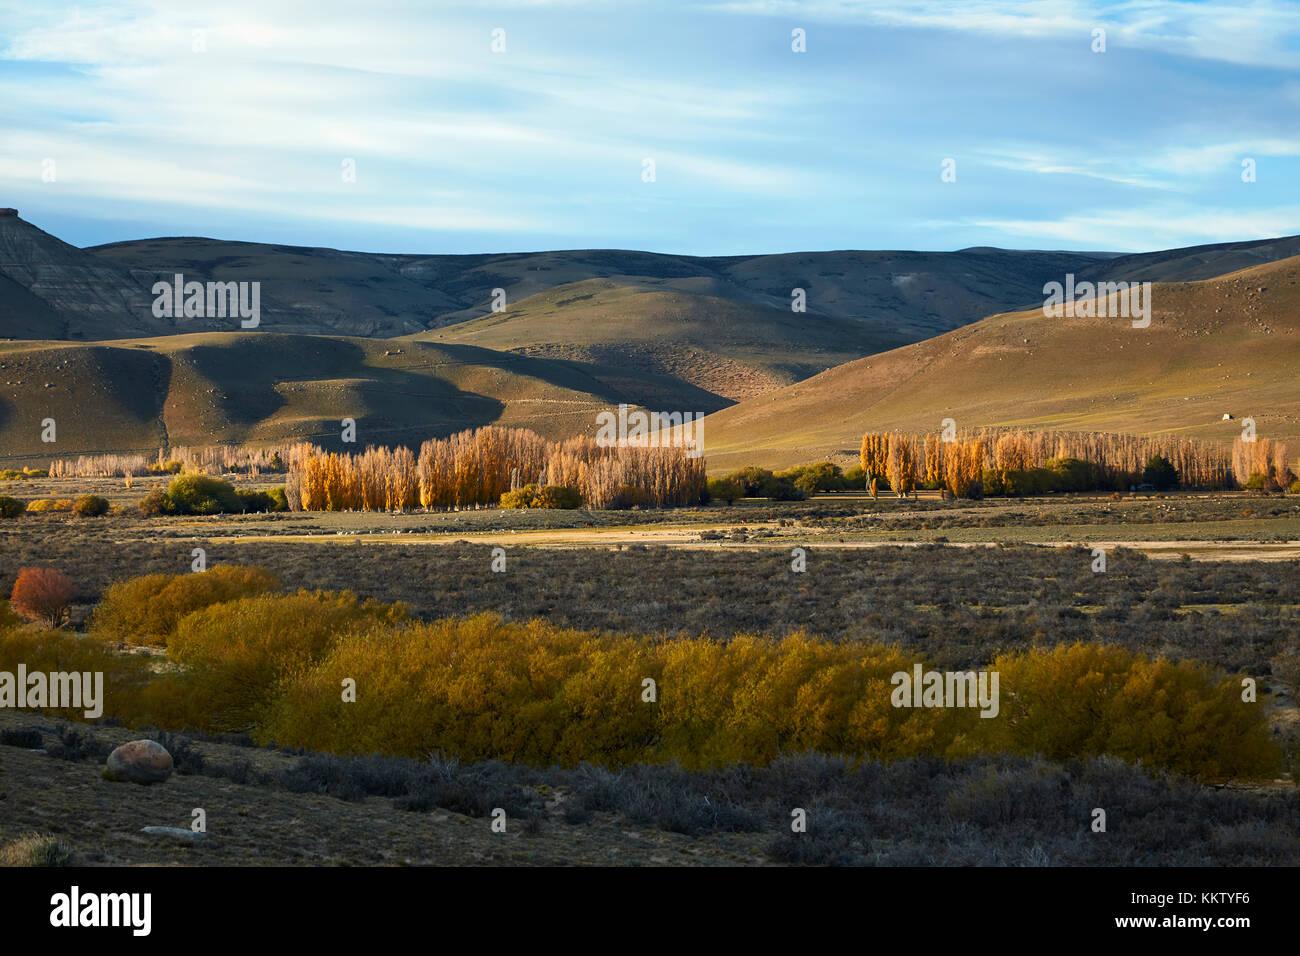 Otoño de árboles cerca de El Calafate, Patagonia argentina, SUDAMÉRICA Imagen De Stock